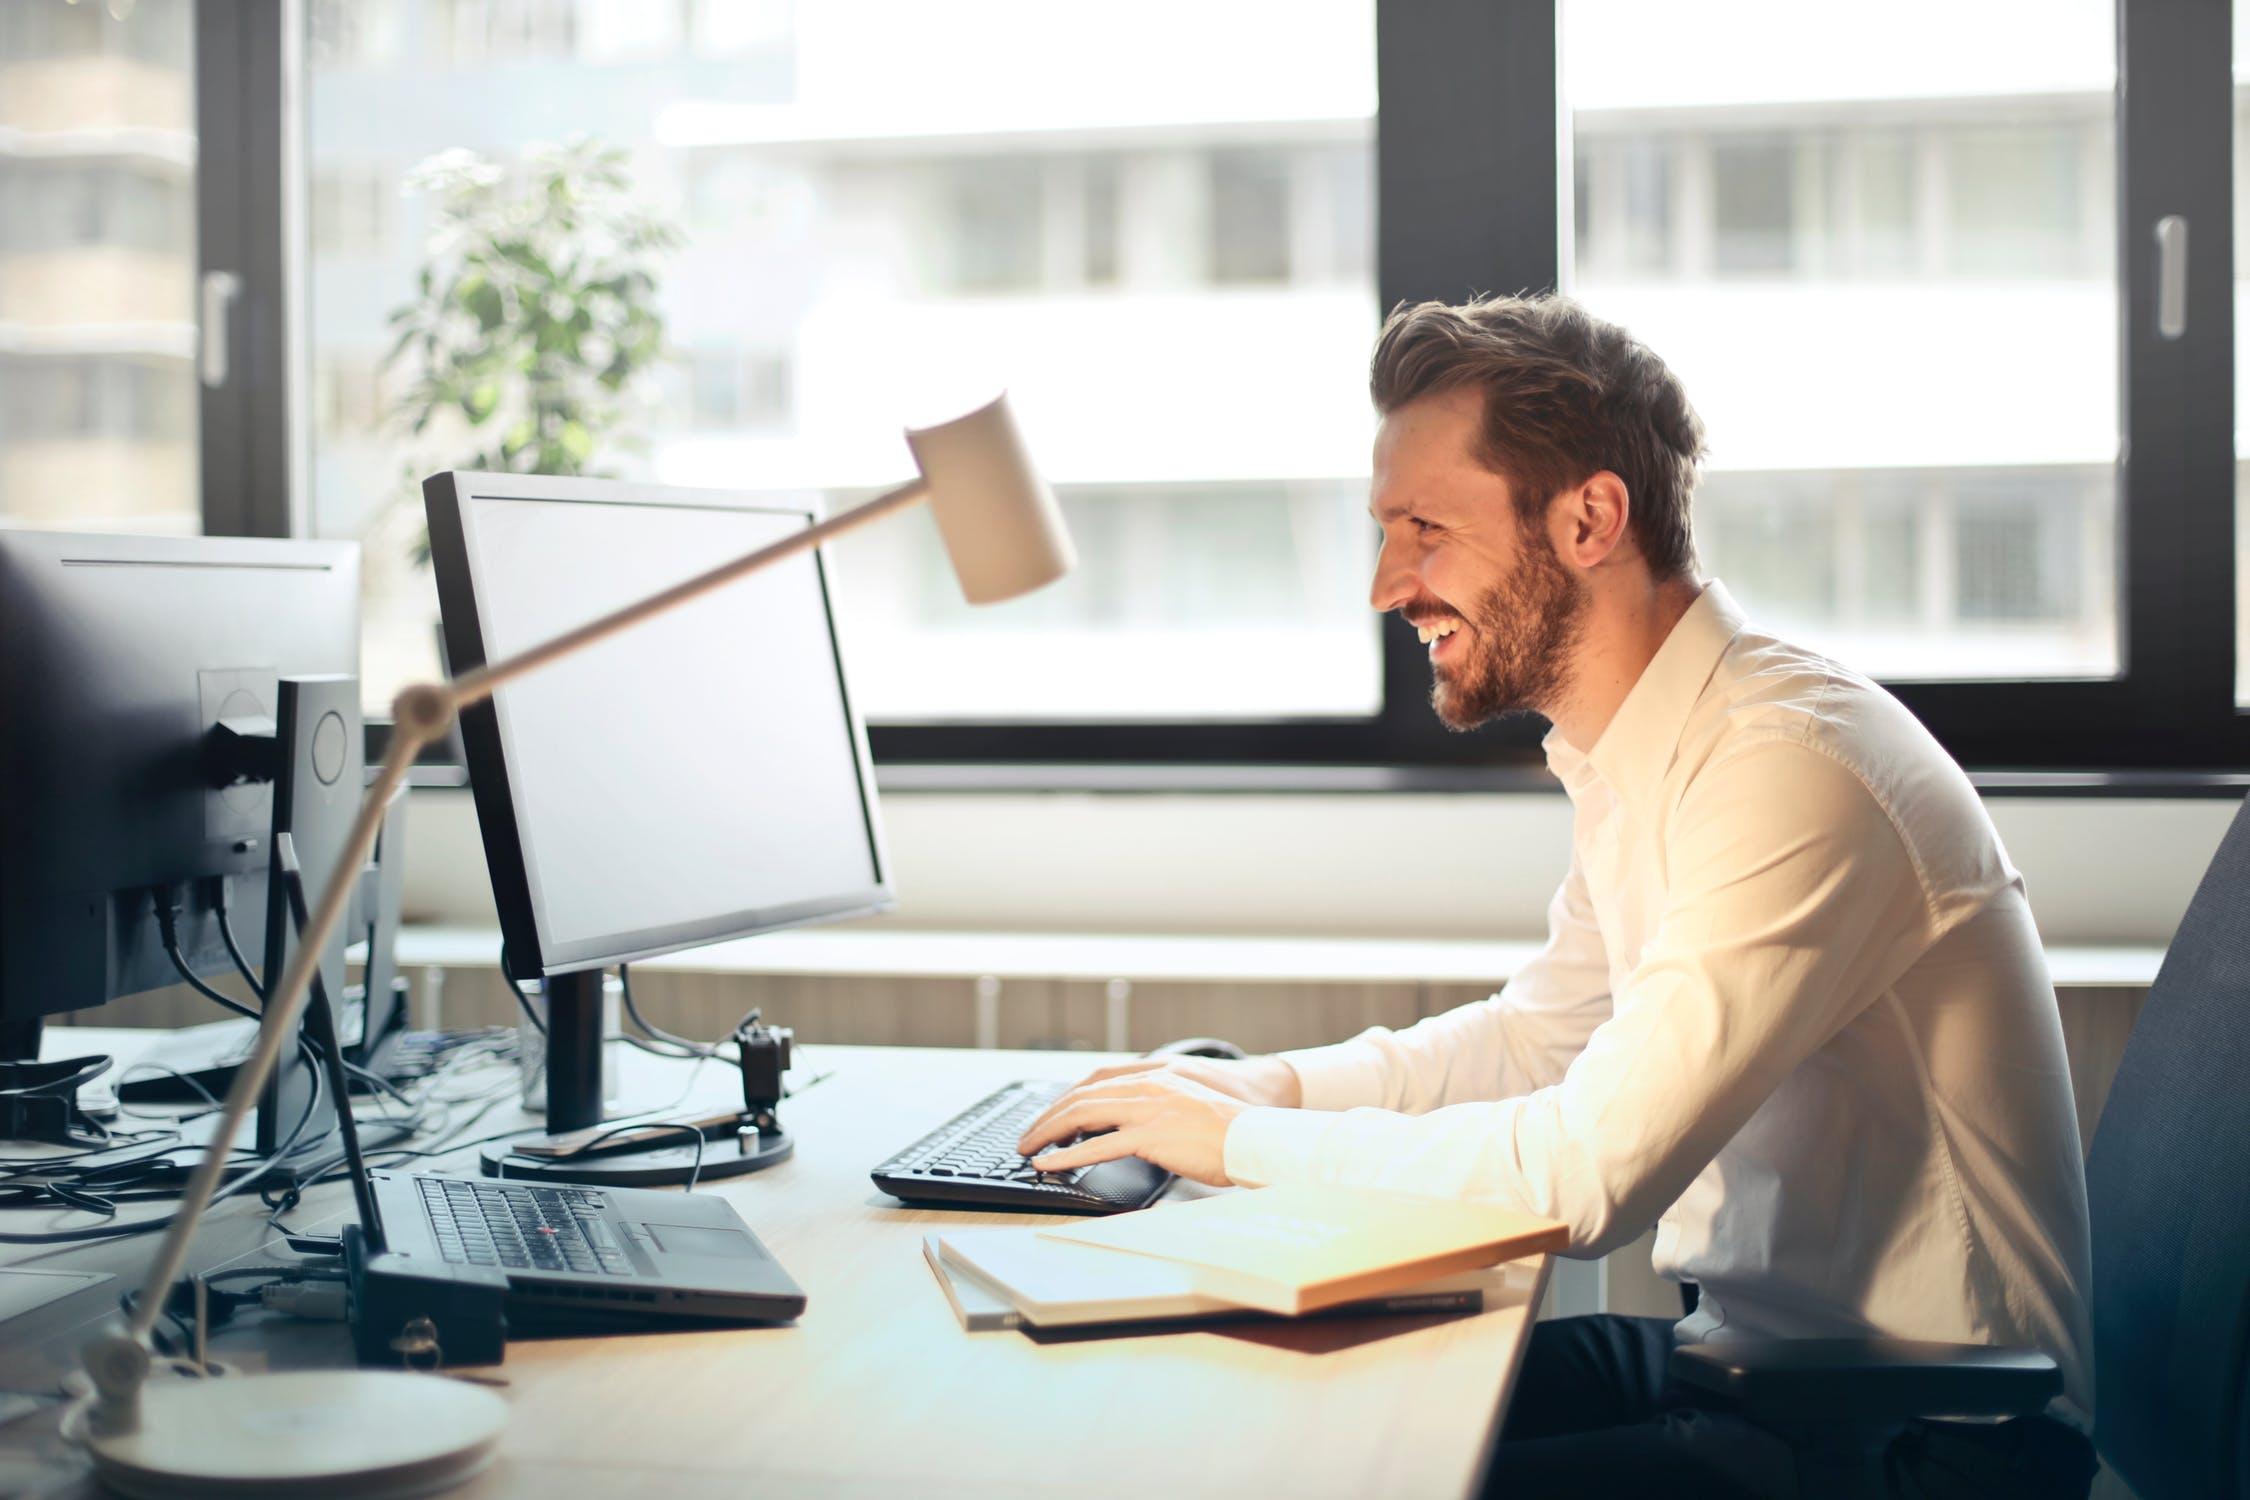 Usprawnienia w urzędach - wirtualny urzędnik